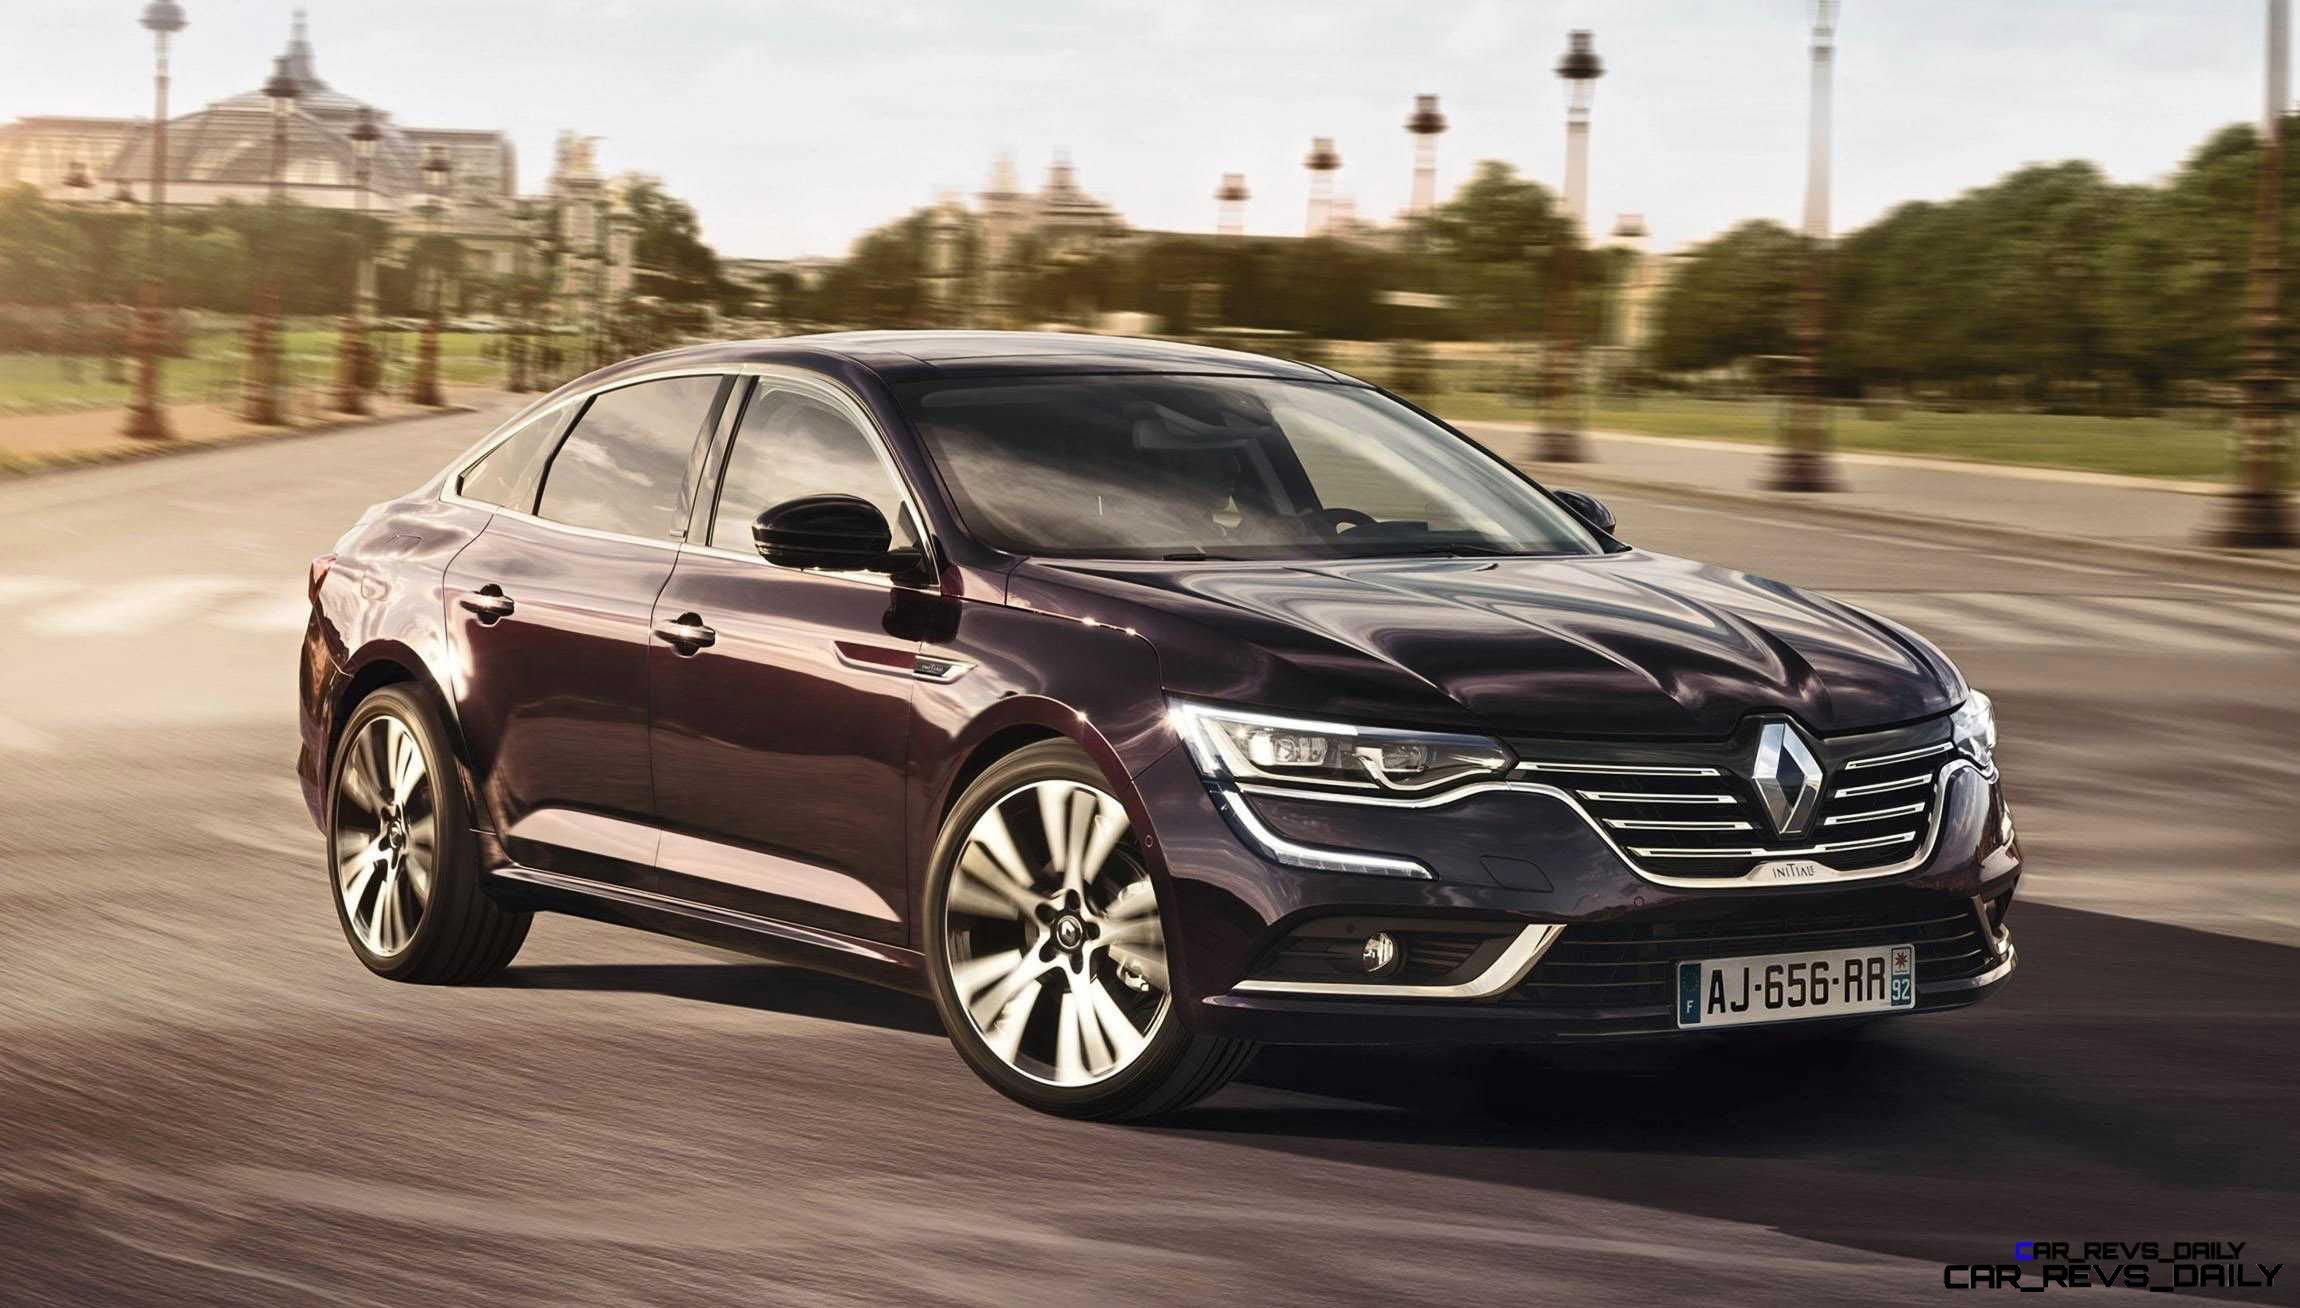 Renault_71370_global_en copy